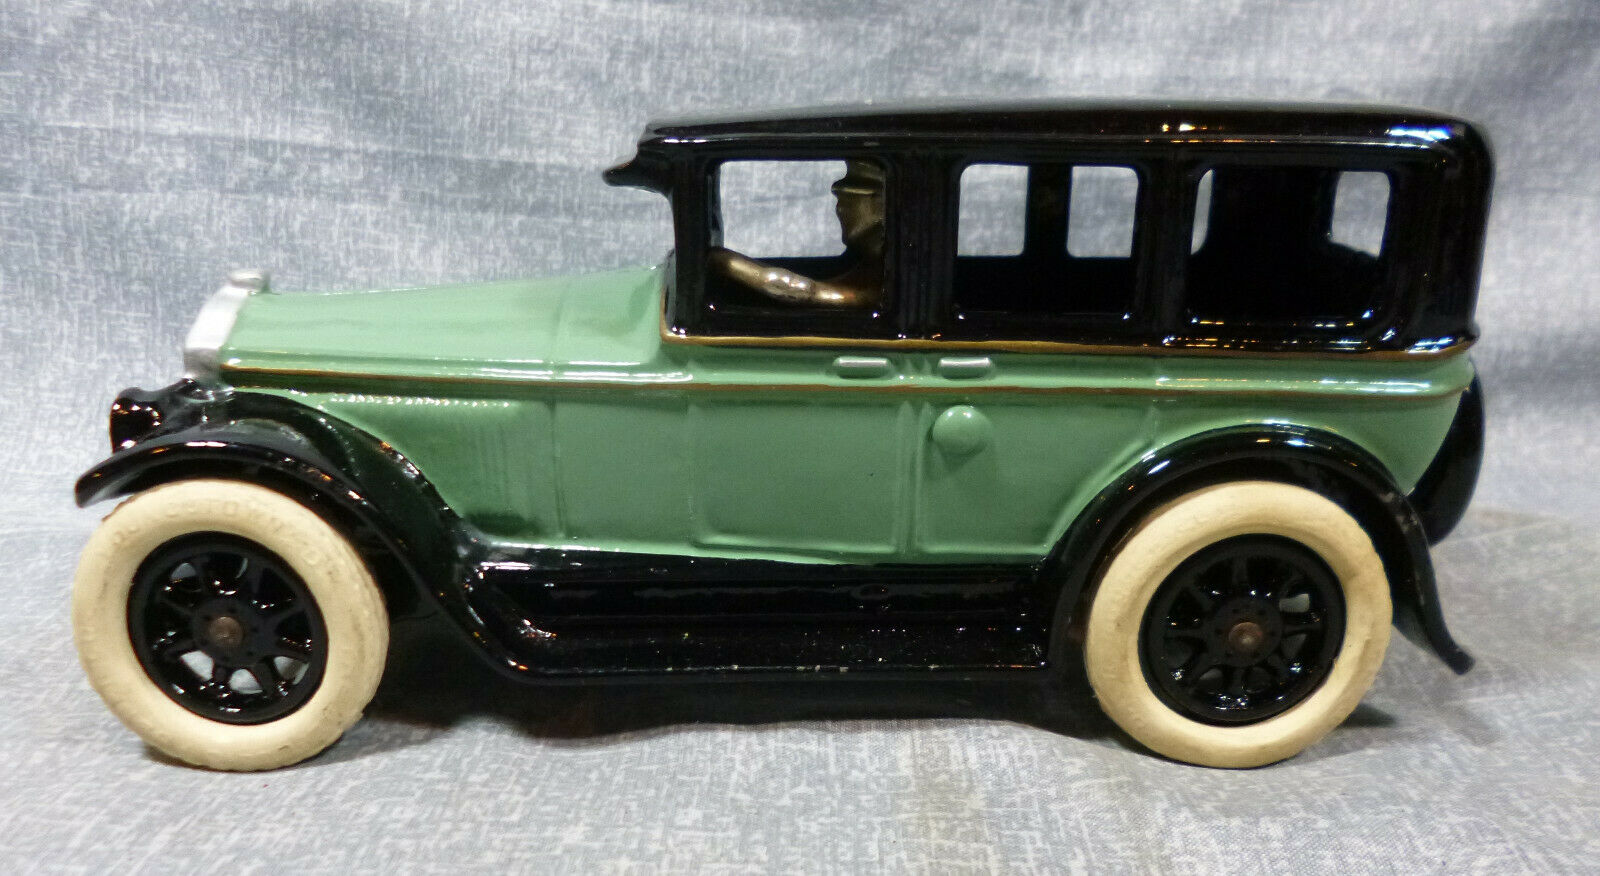 Antiguo Gran Tamaño Arcade De Hierro Fundido 1320 Buick Sedan C. década de 1920